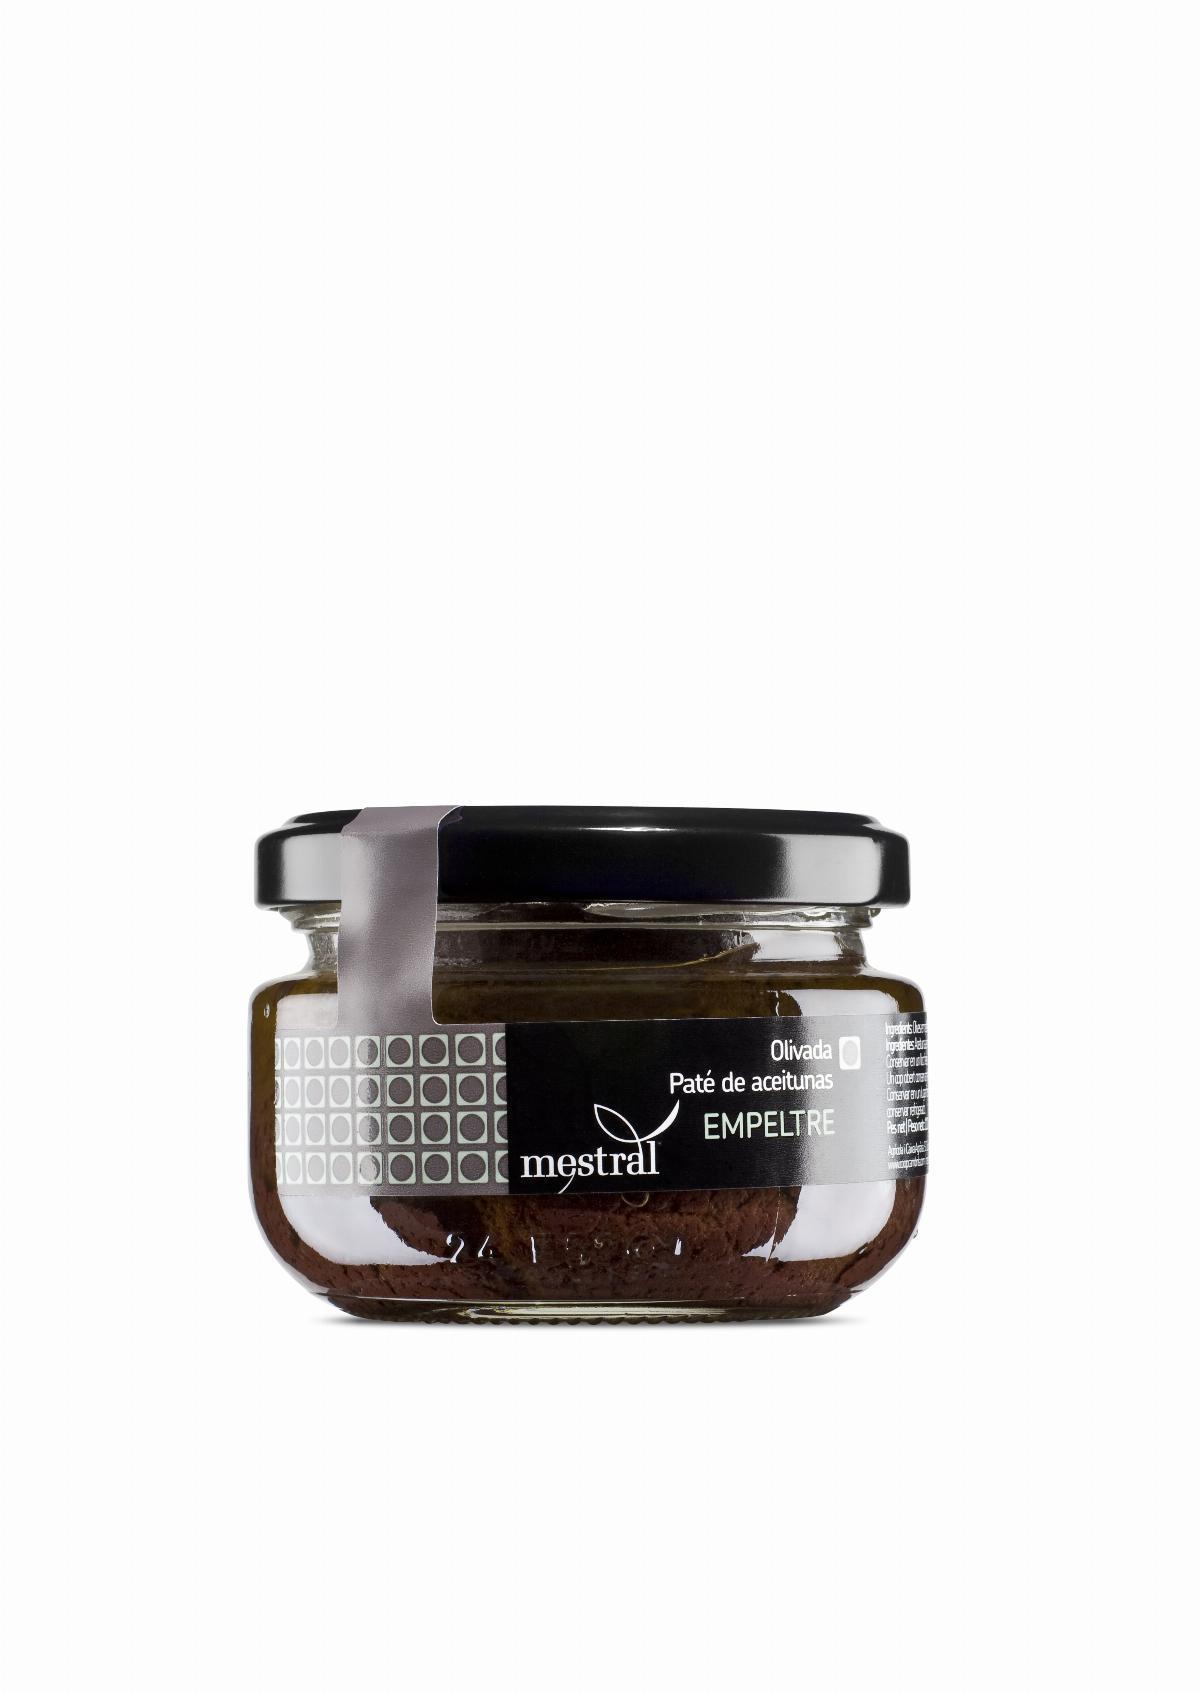 Olive Paste - Mestral Empeltre Olive Paste glass jar 110 g - Mestral Cambrils